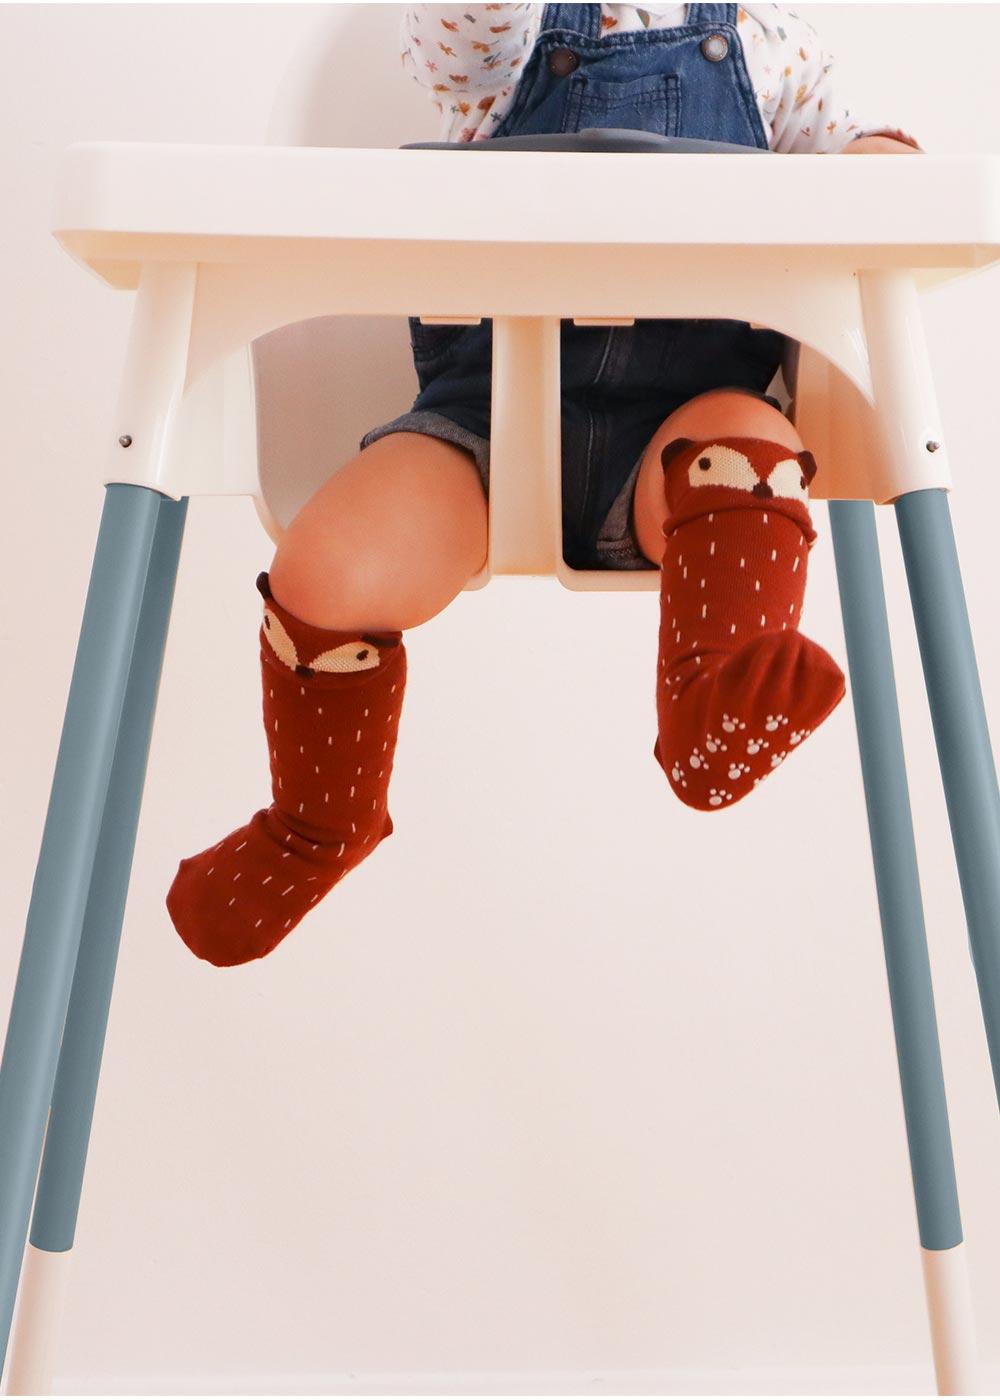 Ikea Antilop Hochstuhl Snygga Fot Nordisch Blau Beine